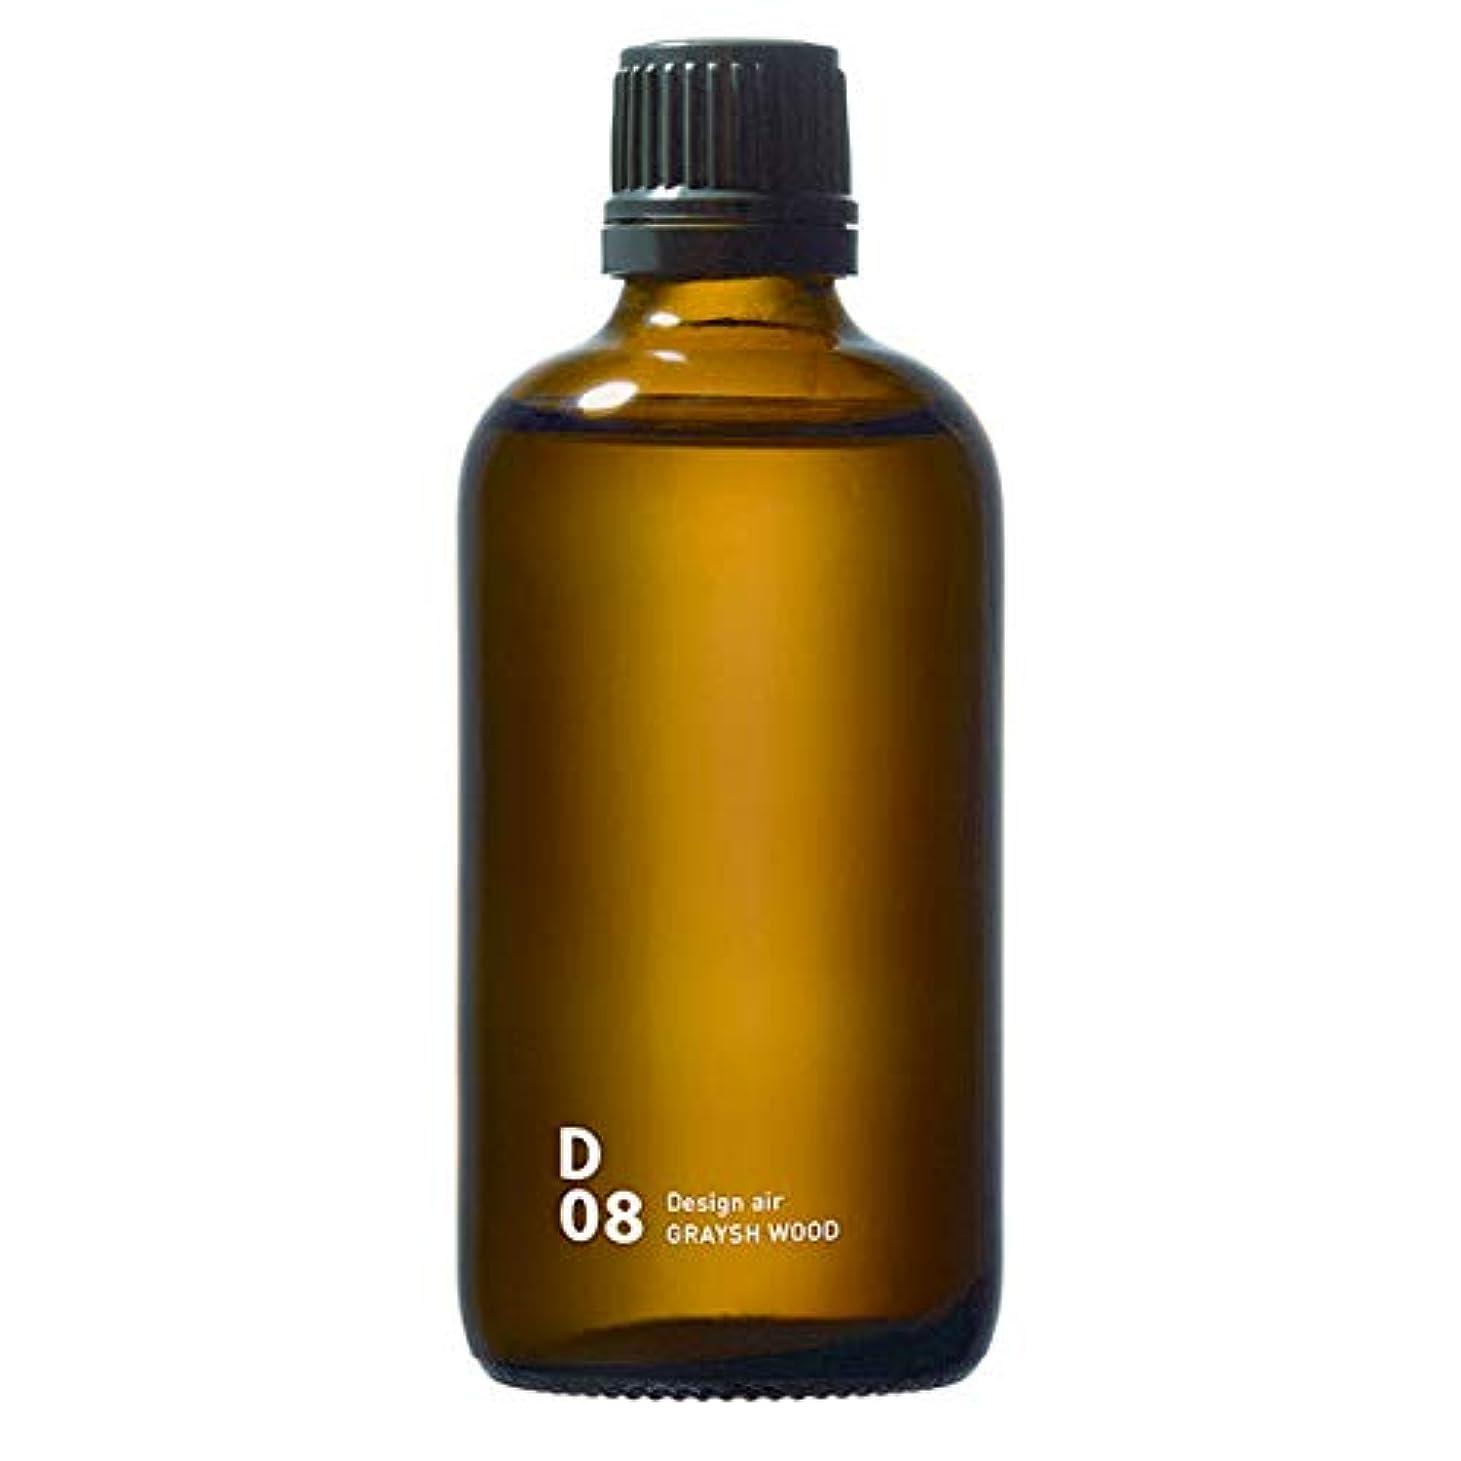 サイトライン殺します全国D08 GRAYISH WOOD piezo aroma oil 100ml